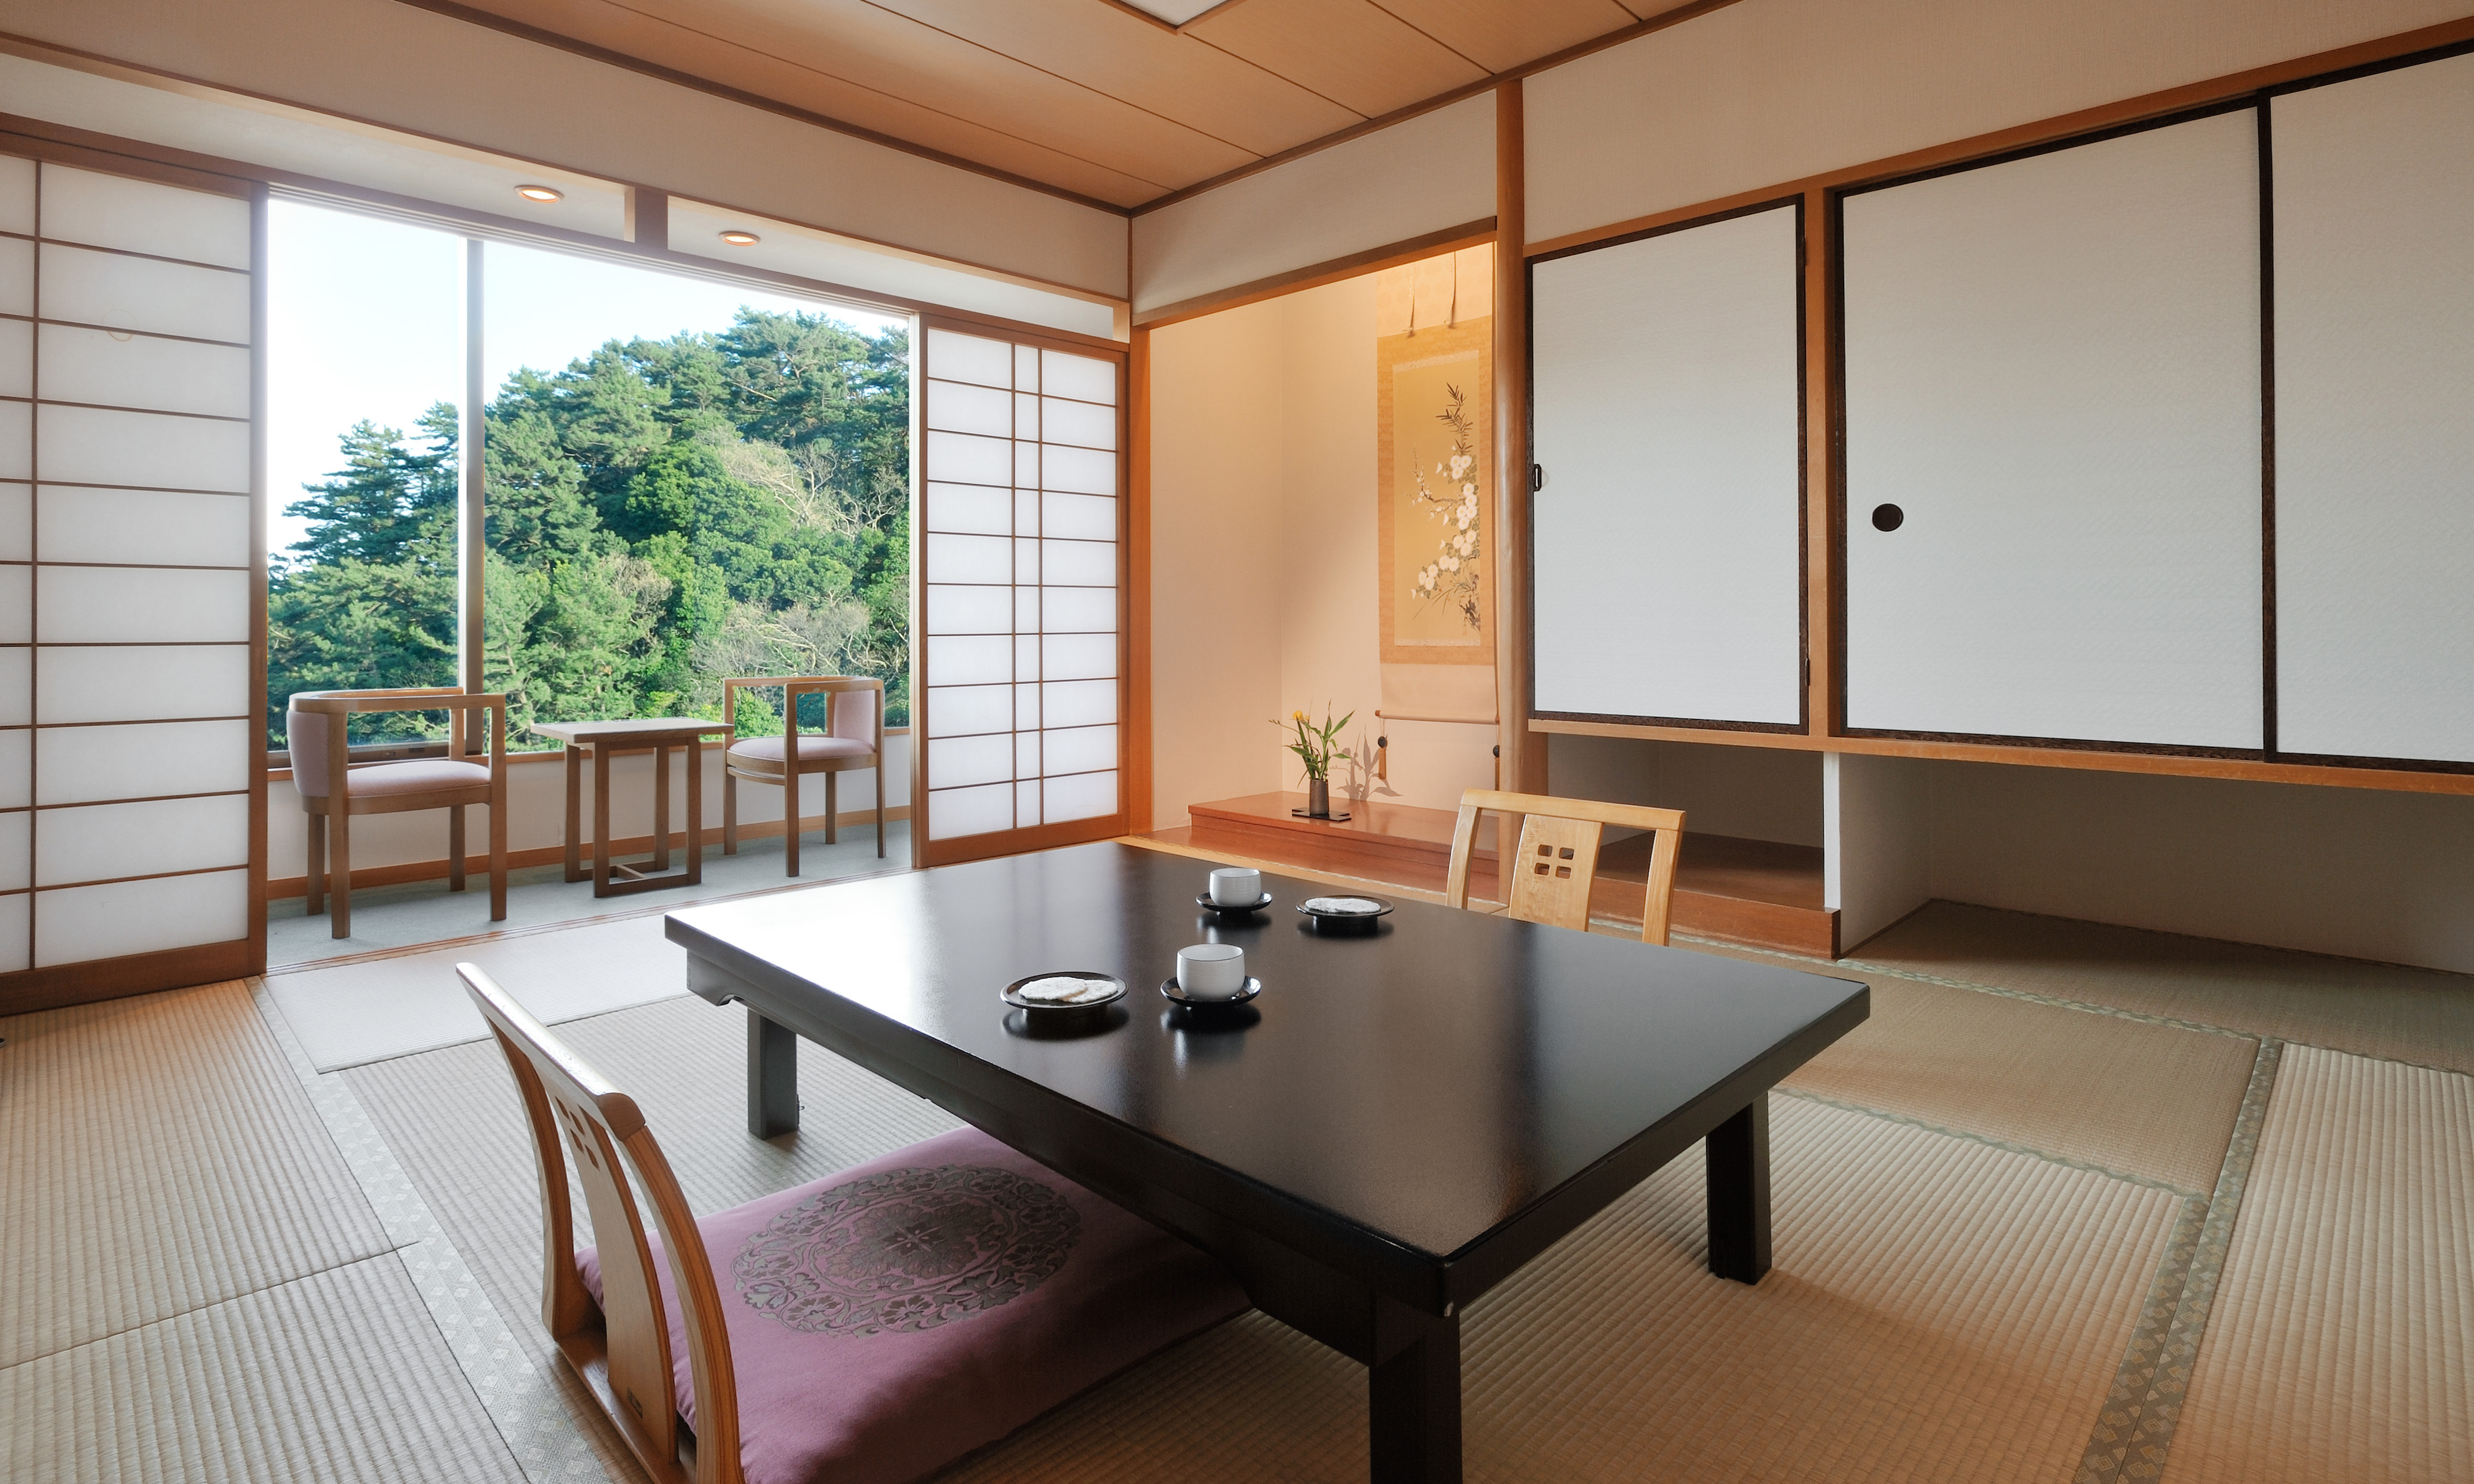 和の雰囲気をモダンにアレンジした客室